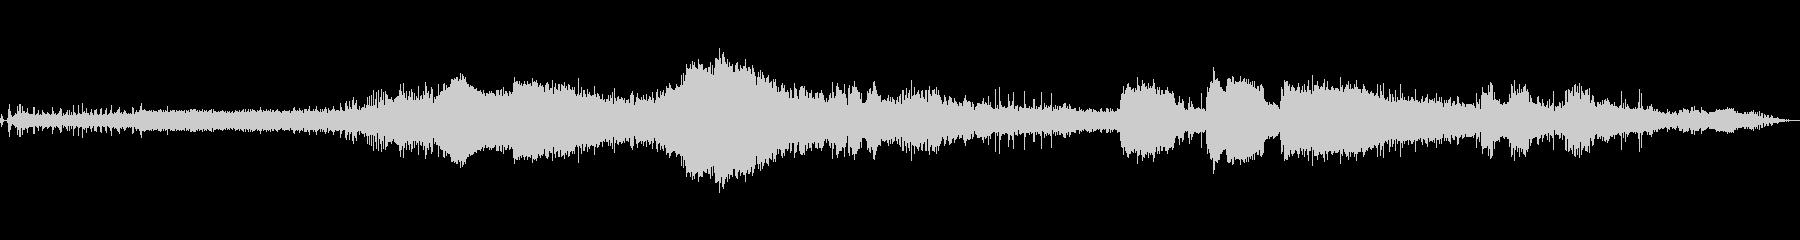 ヤマハ600:オンボード:スタート...の未再生の波形